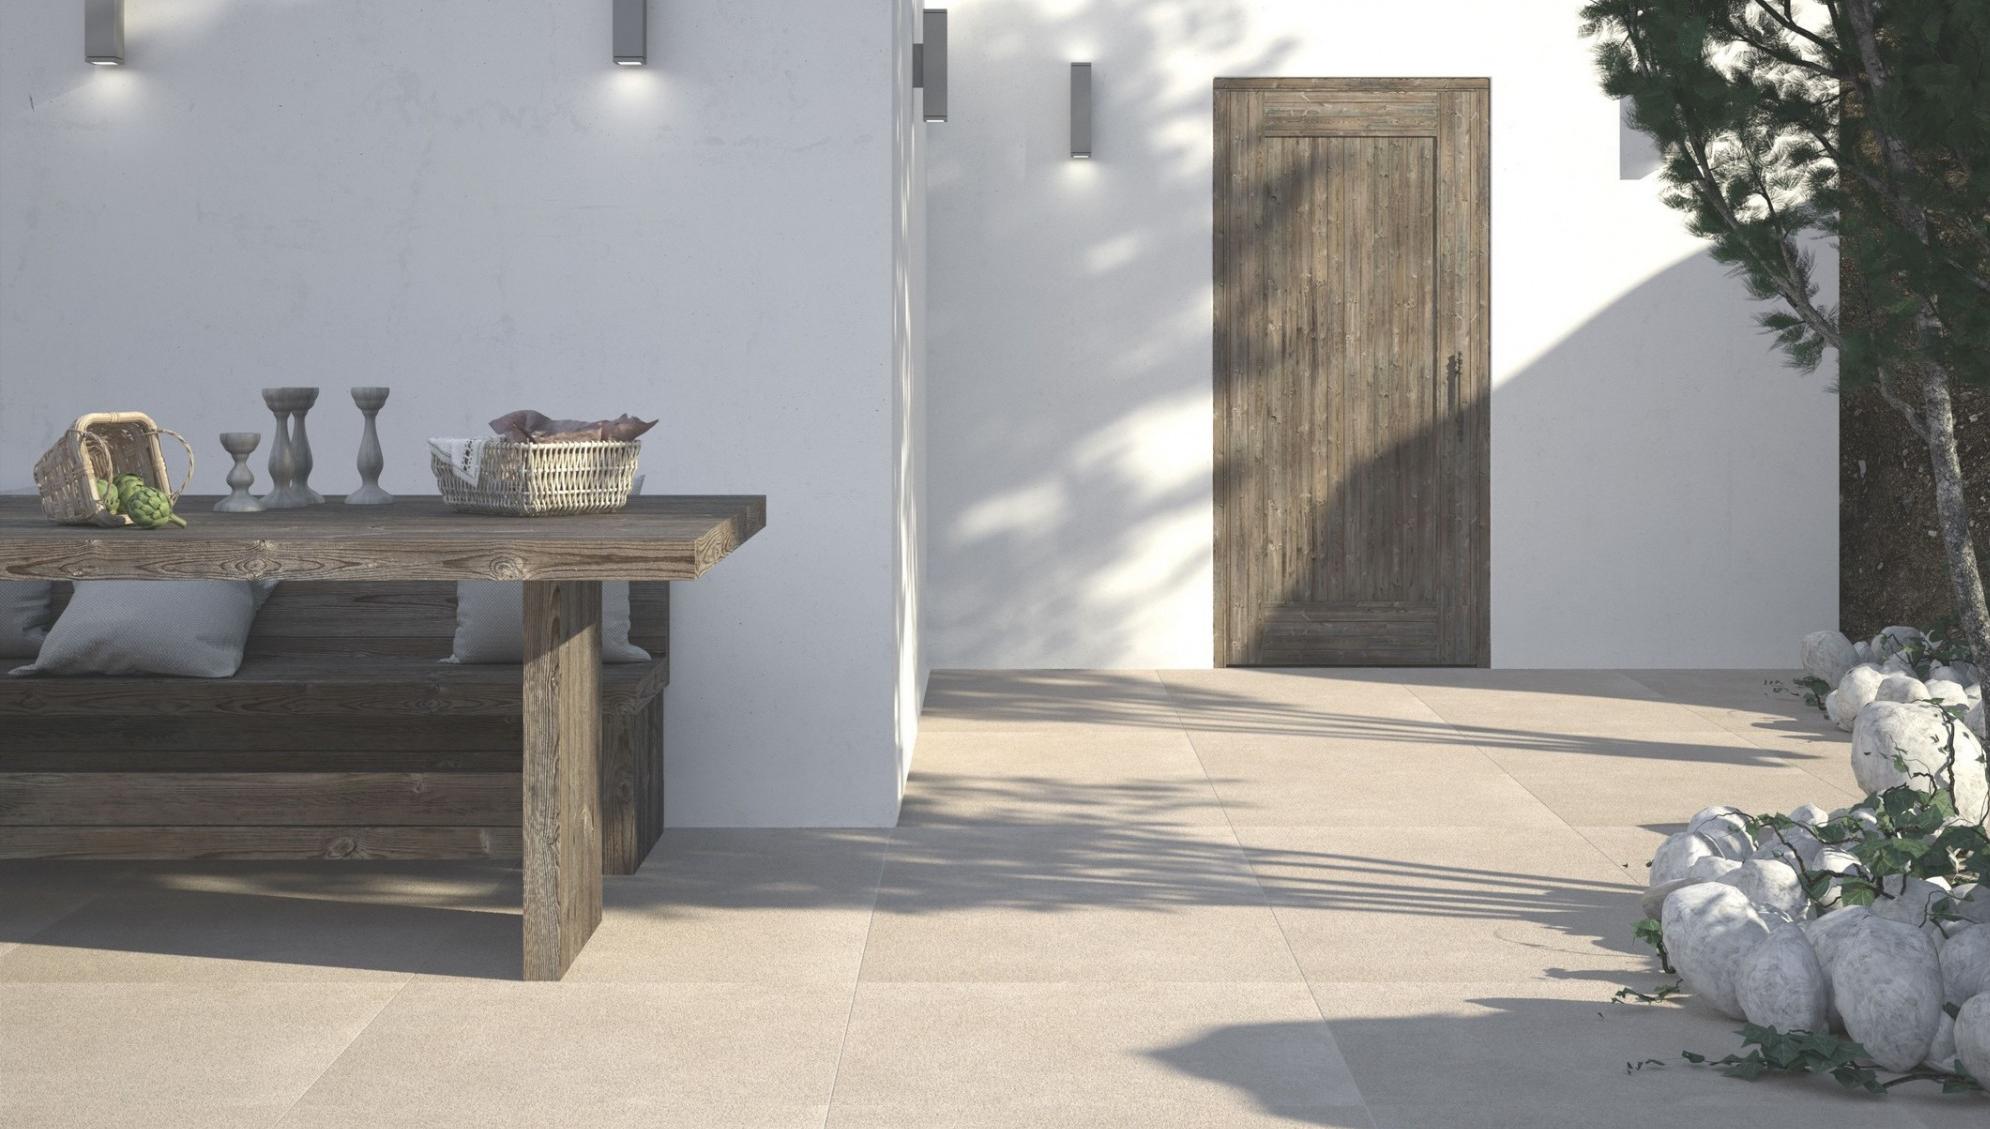 how to use tiles in the garden - tile mountain